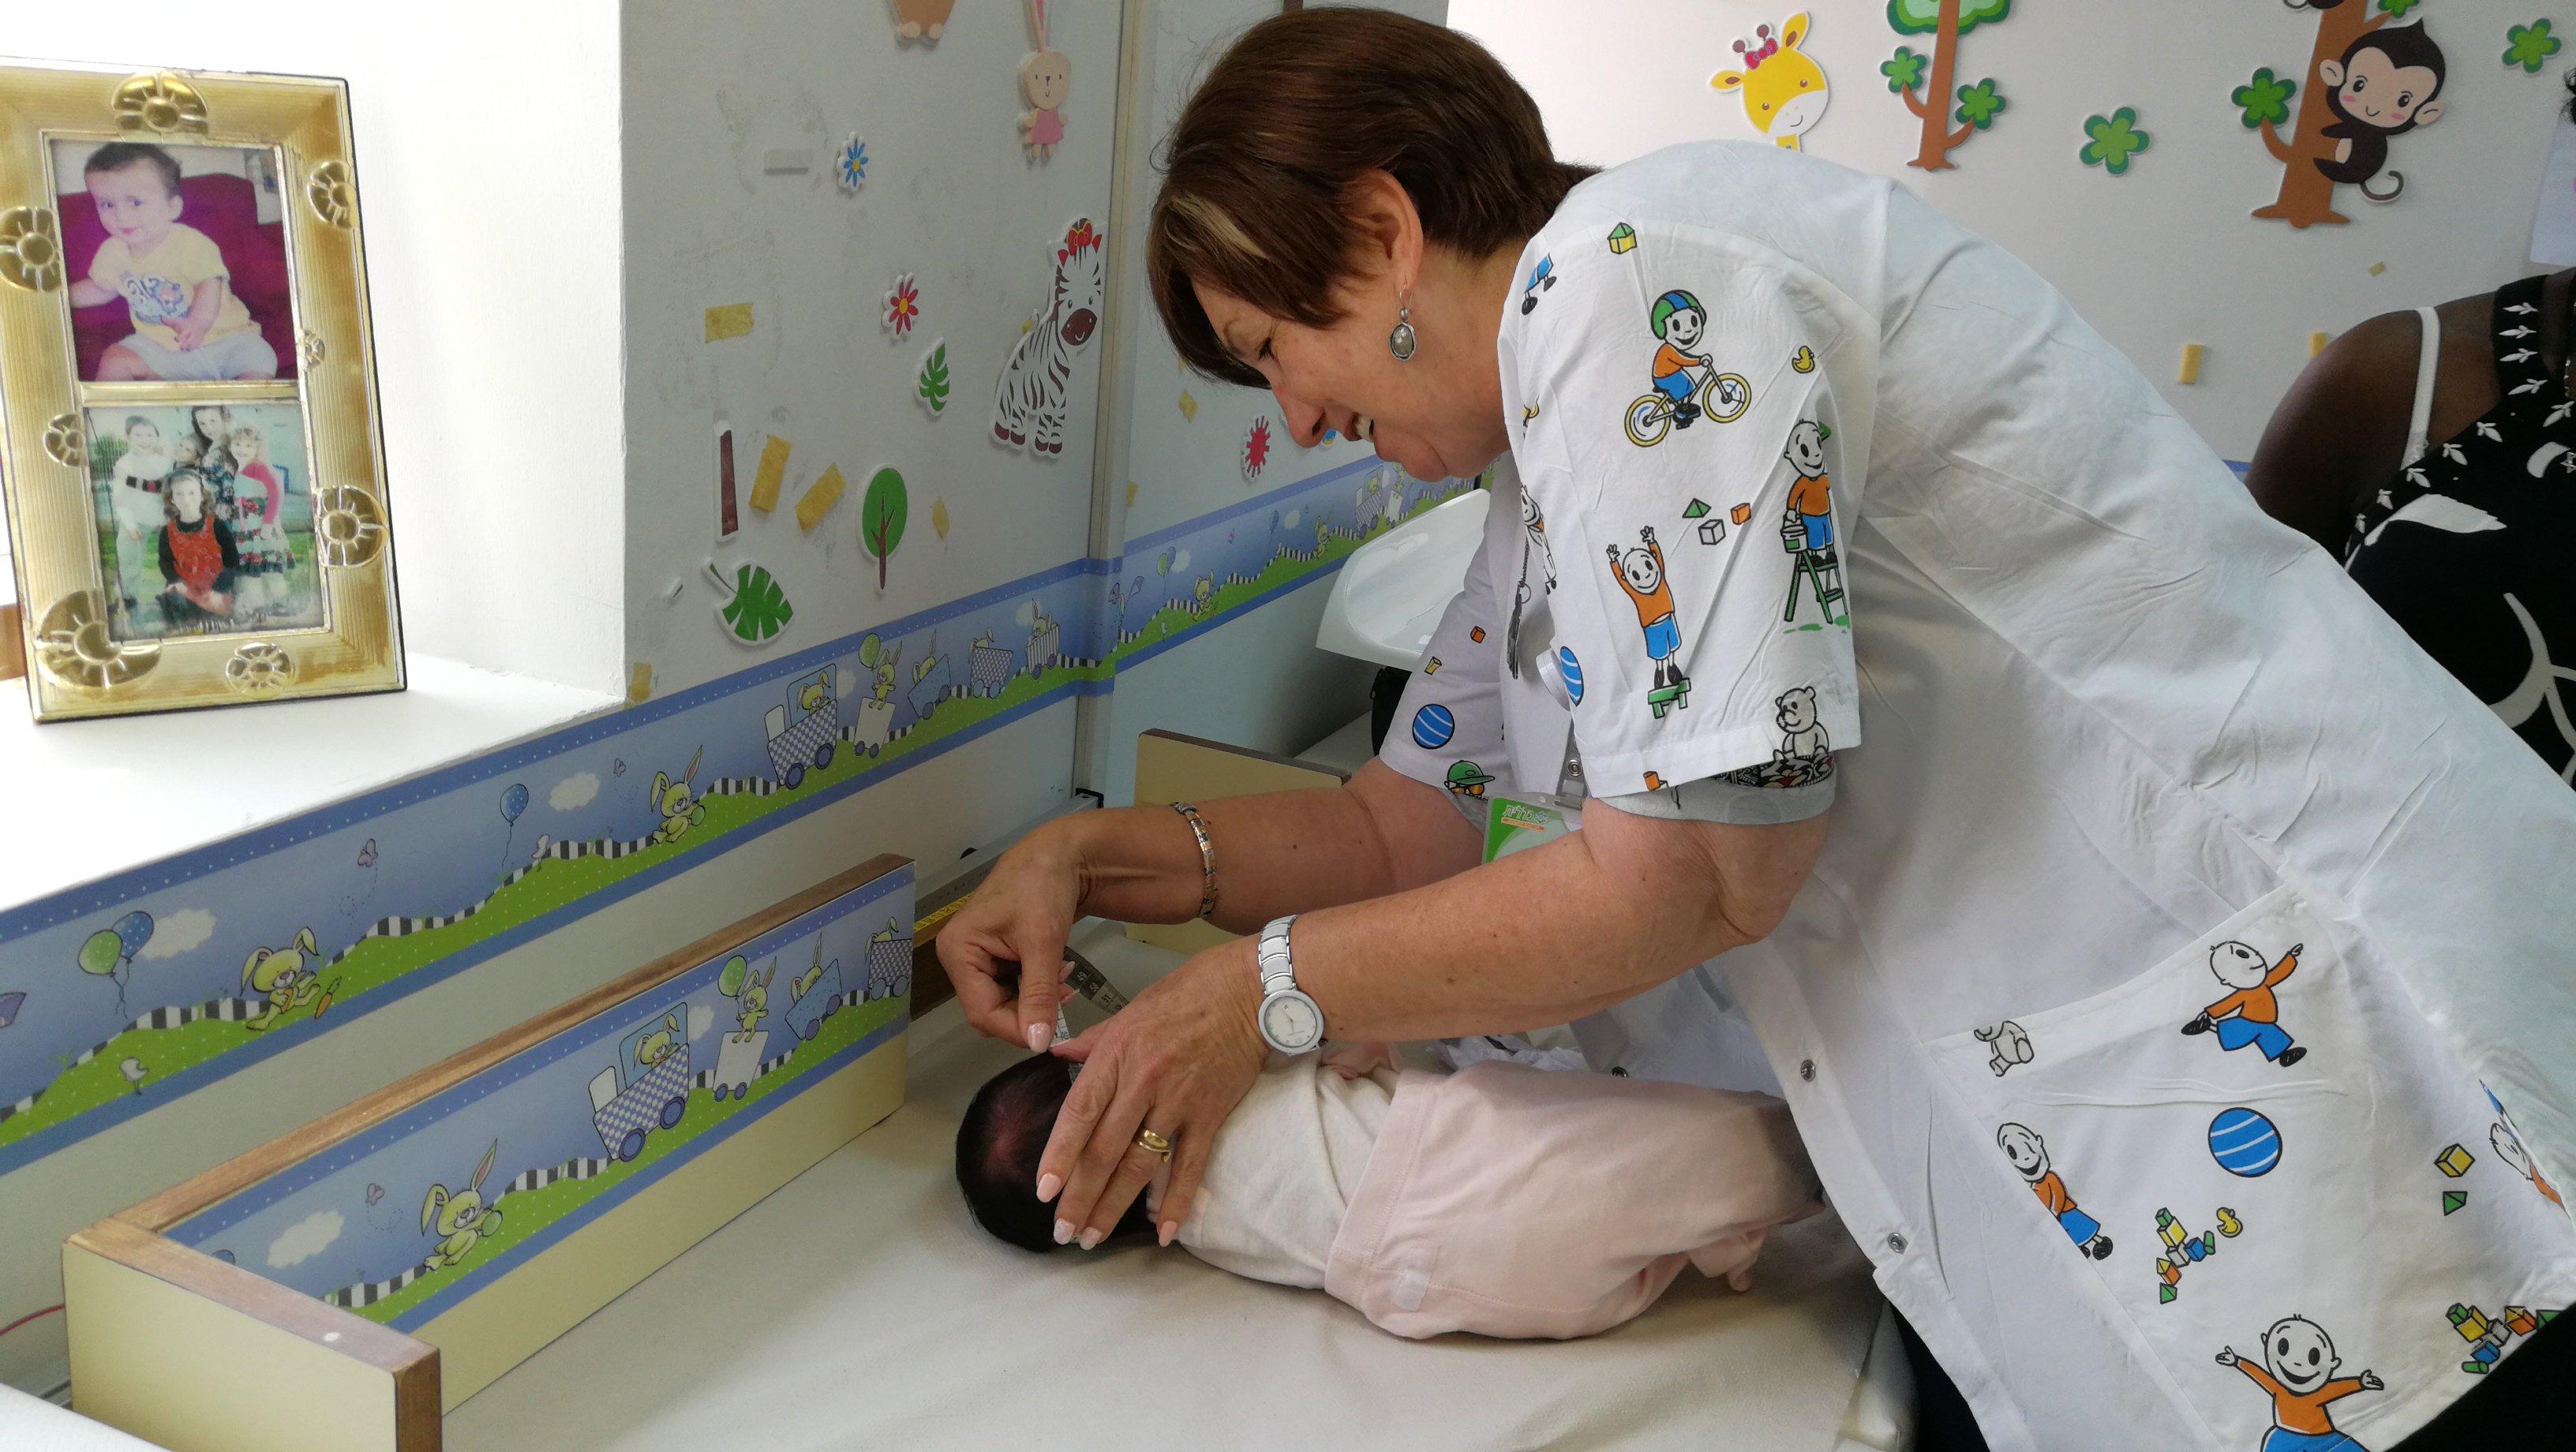 أداء مميّز لعيادات الأم والطفل في كلاليت بالأخص في قياس محيط الرأس والتشخيص المبكر لاكتئاب الحمل